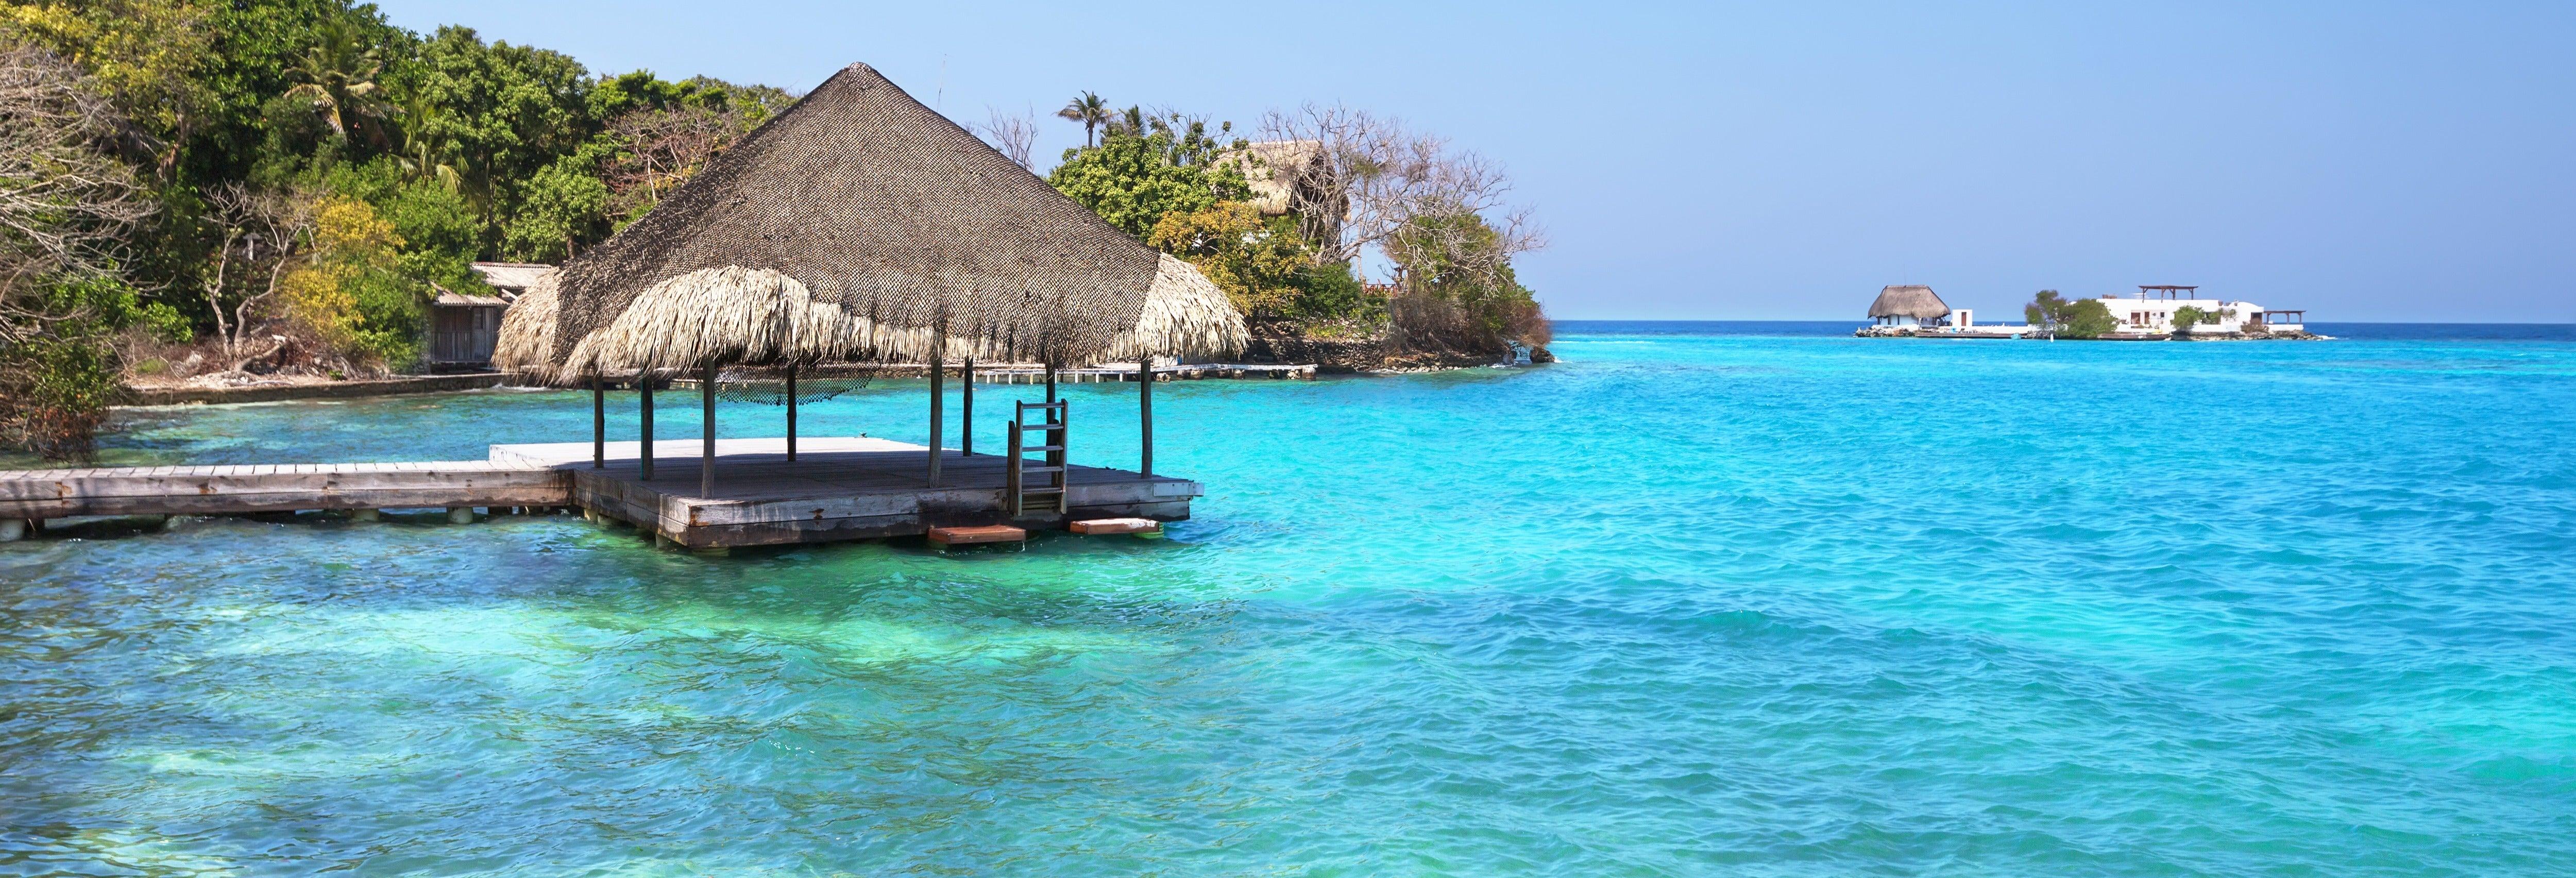 Excursão às Islas del Rosario